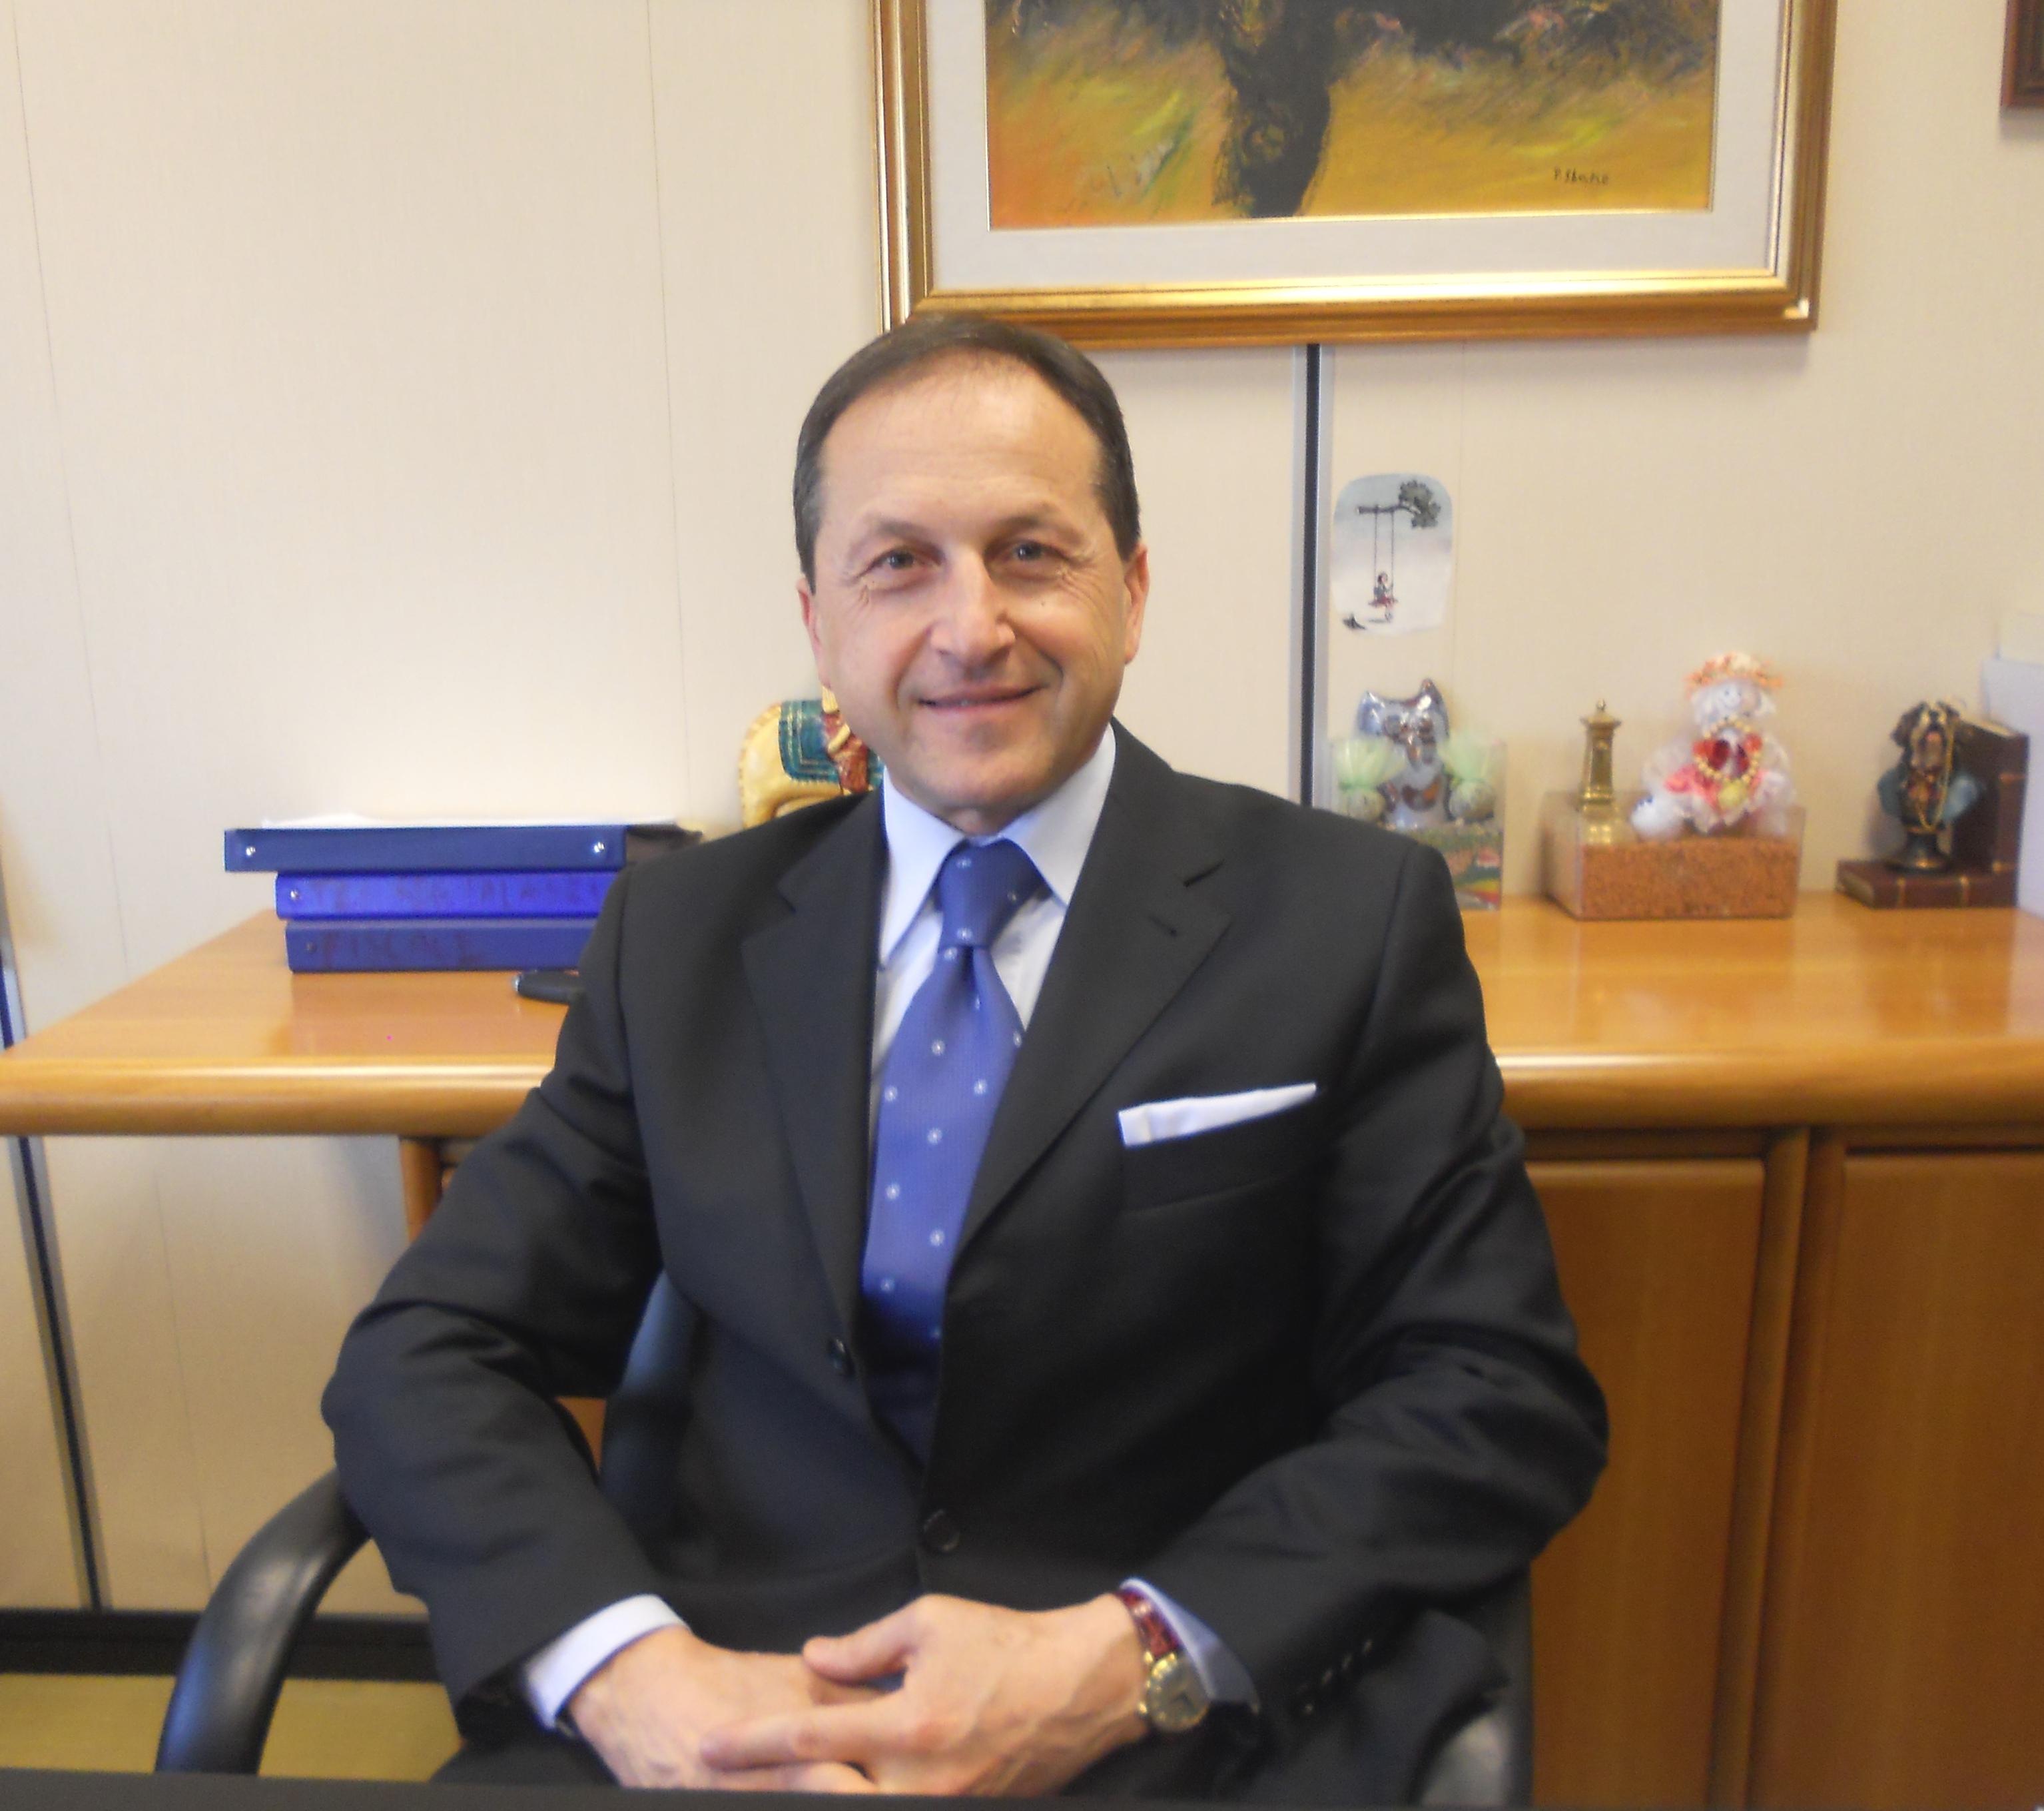 Cosenza Giuseppe Lombardi 232 Il Neo Presidente Del Gruppo